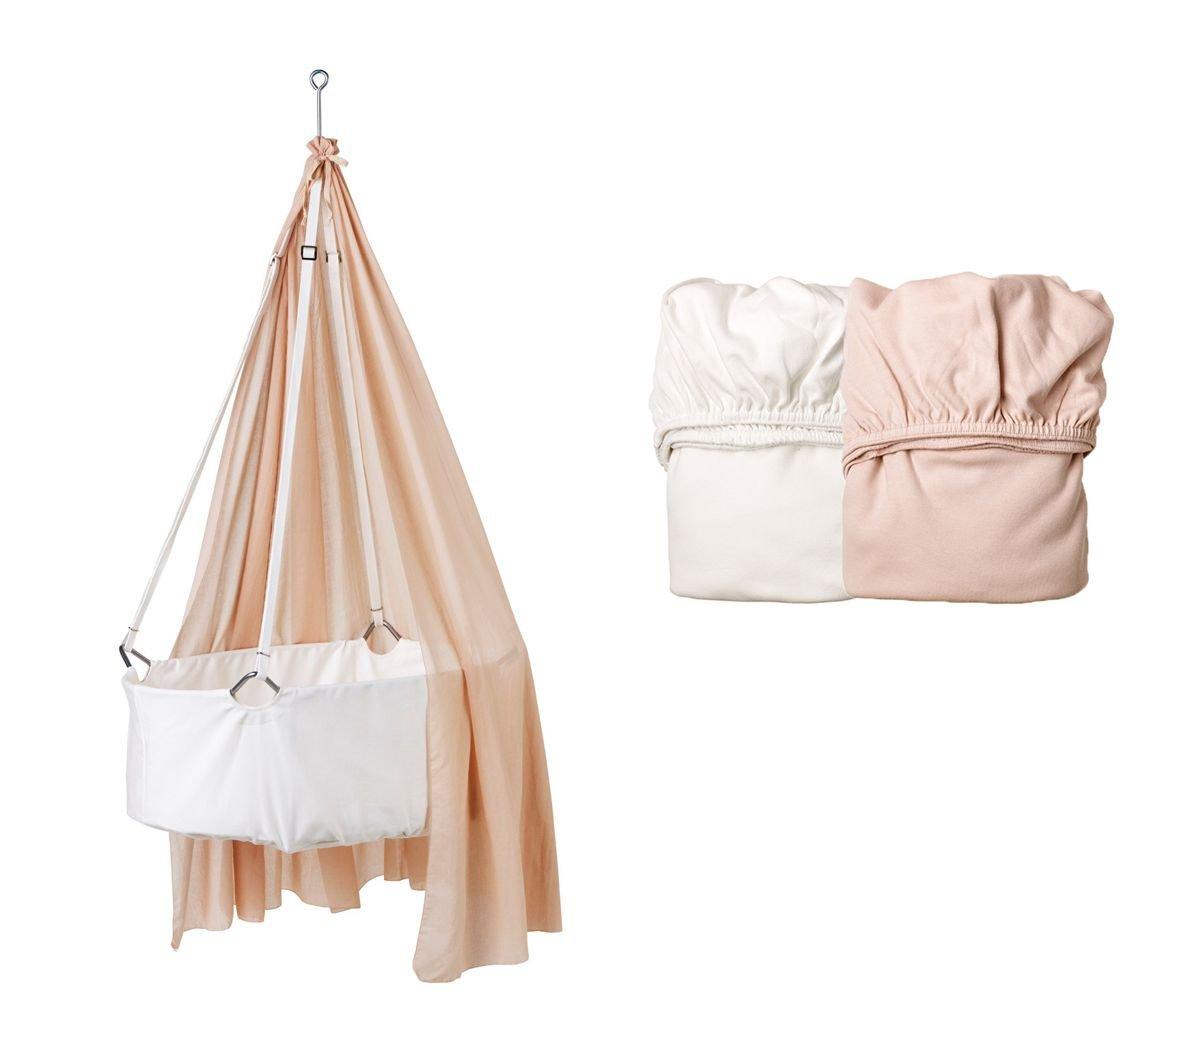 Leander Wiege weiß mit Träumeland Matratze, Deckenhaken, Himmel (Schleier) soft pink, 2 Stück Original-Spannbetttücher soft pink/weiß